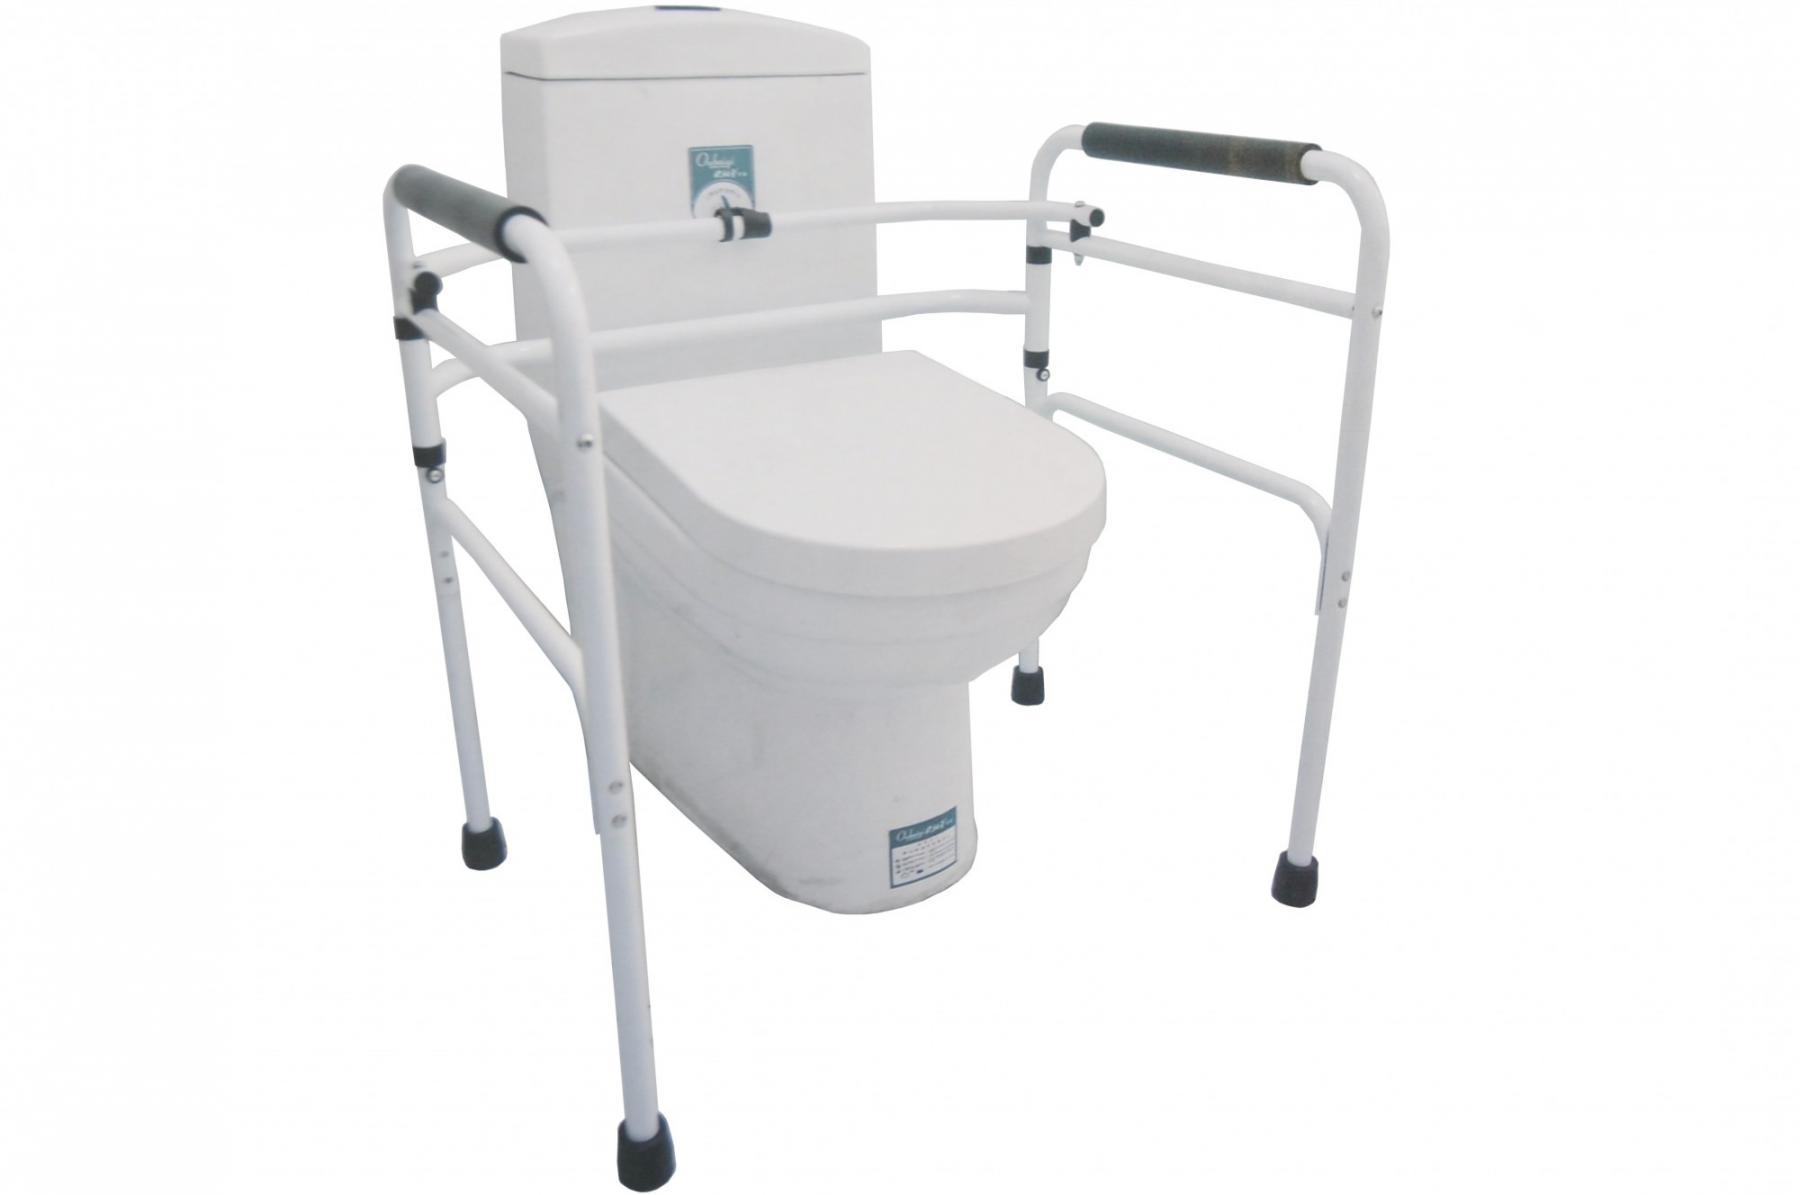 toilettenst tzgestell 68x56x68 aufstehhilfe toilettenhilfe wc kaufen bei. Black Bedroom Furniture Sets. Home Design Ideas